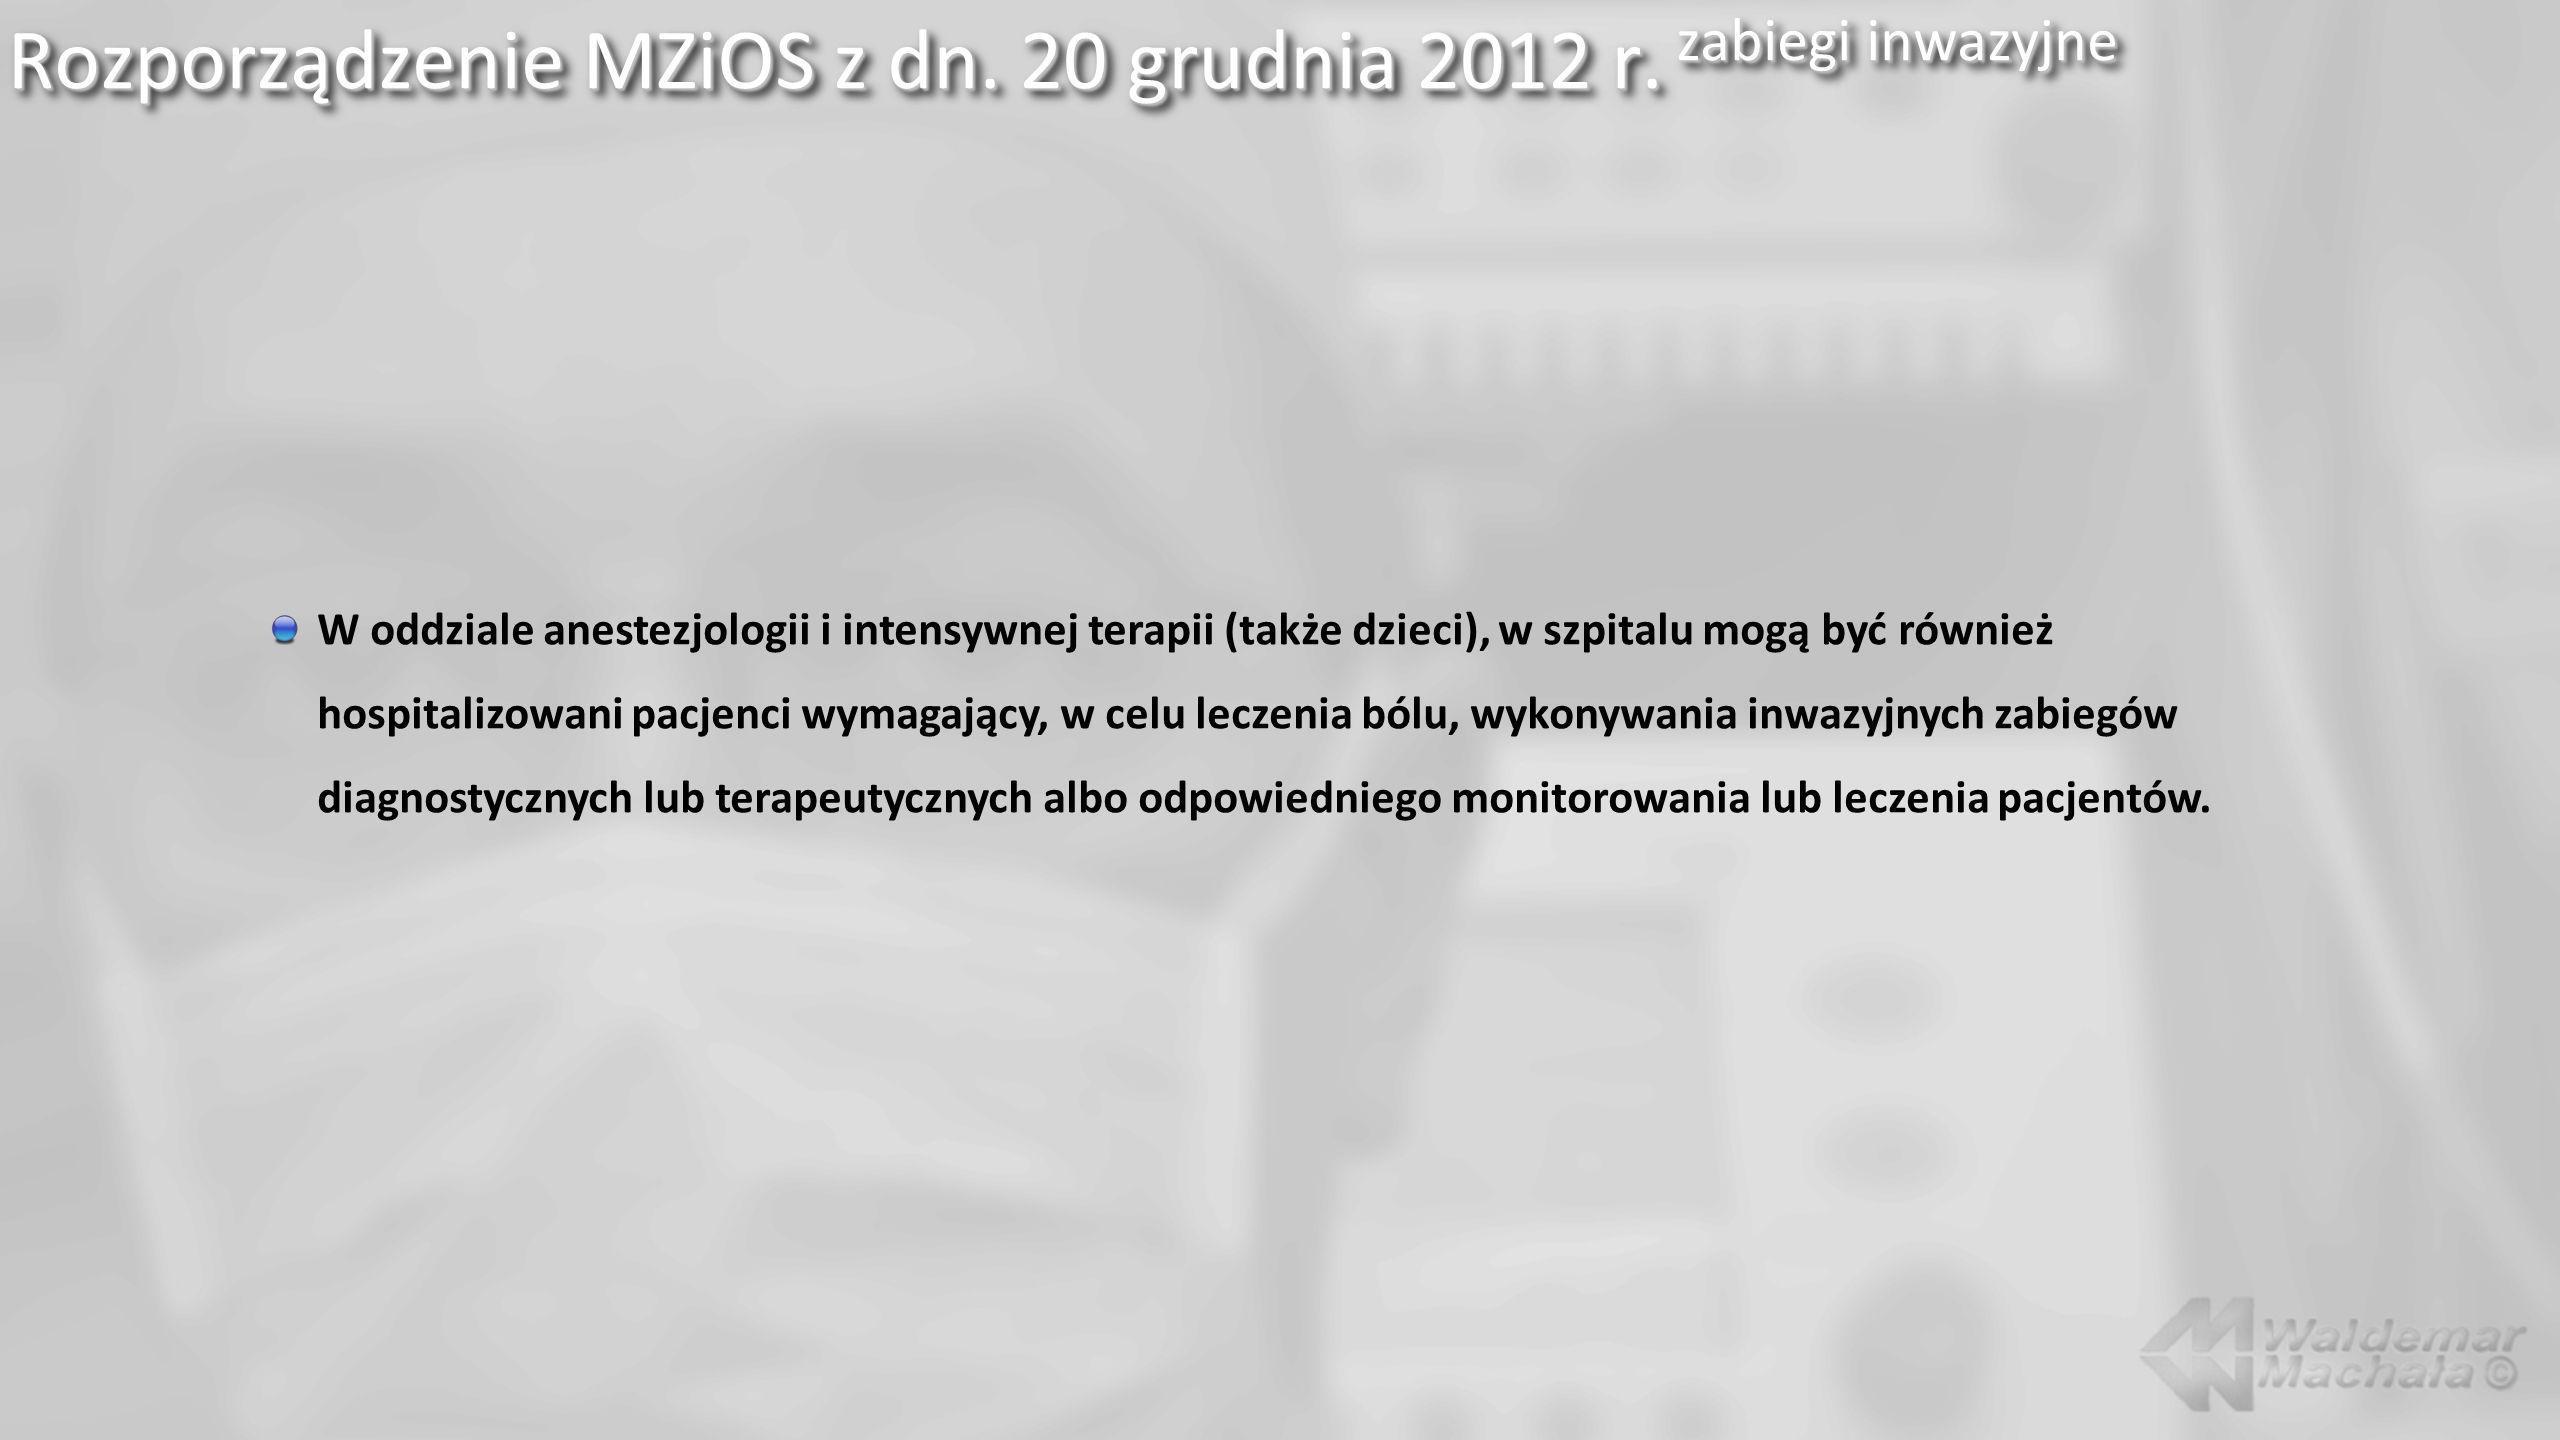 Rozporządzenie MZiOS z dn. 20 grudnia 2012 r. zabiegi inwazyjne